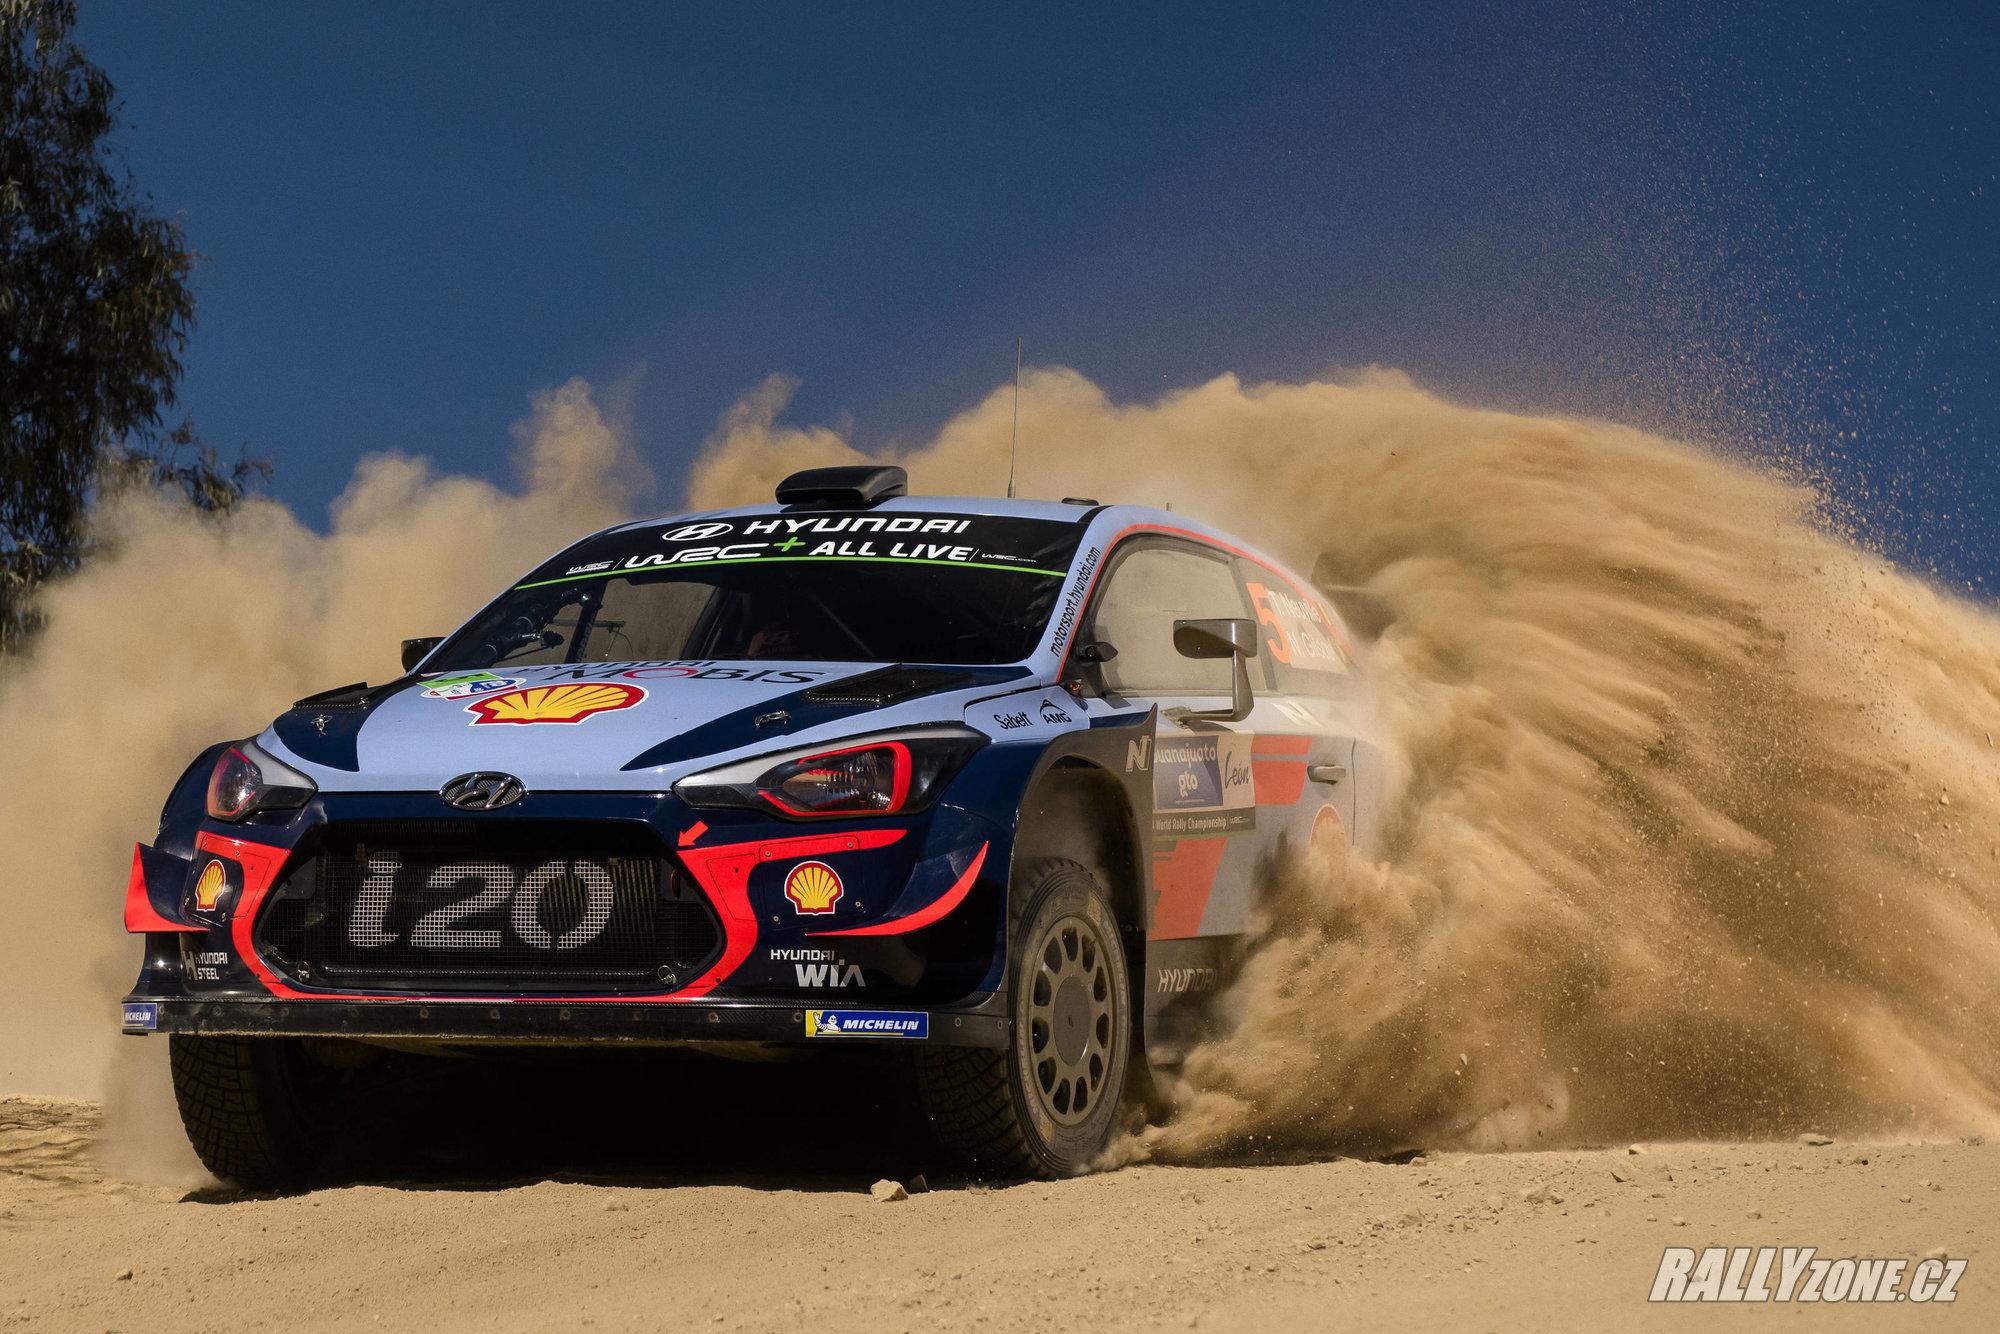 Jak pojede letošní i20 WRC Coupe na šotolině? Mexiko kvůli jeho vysoké nadmořské výšce nemůžeme brát jako referenci